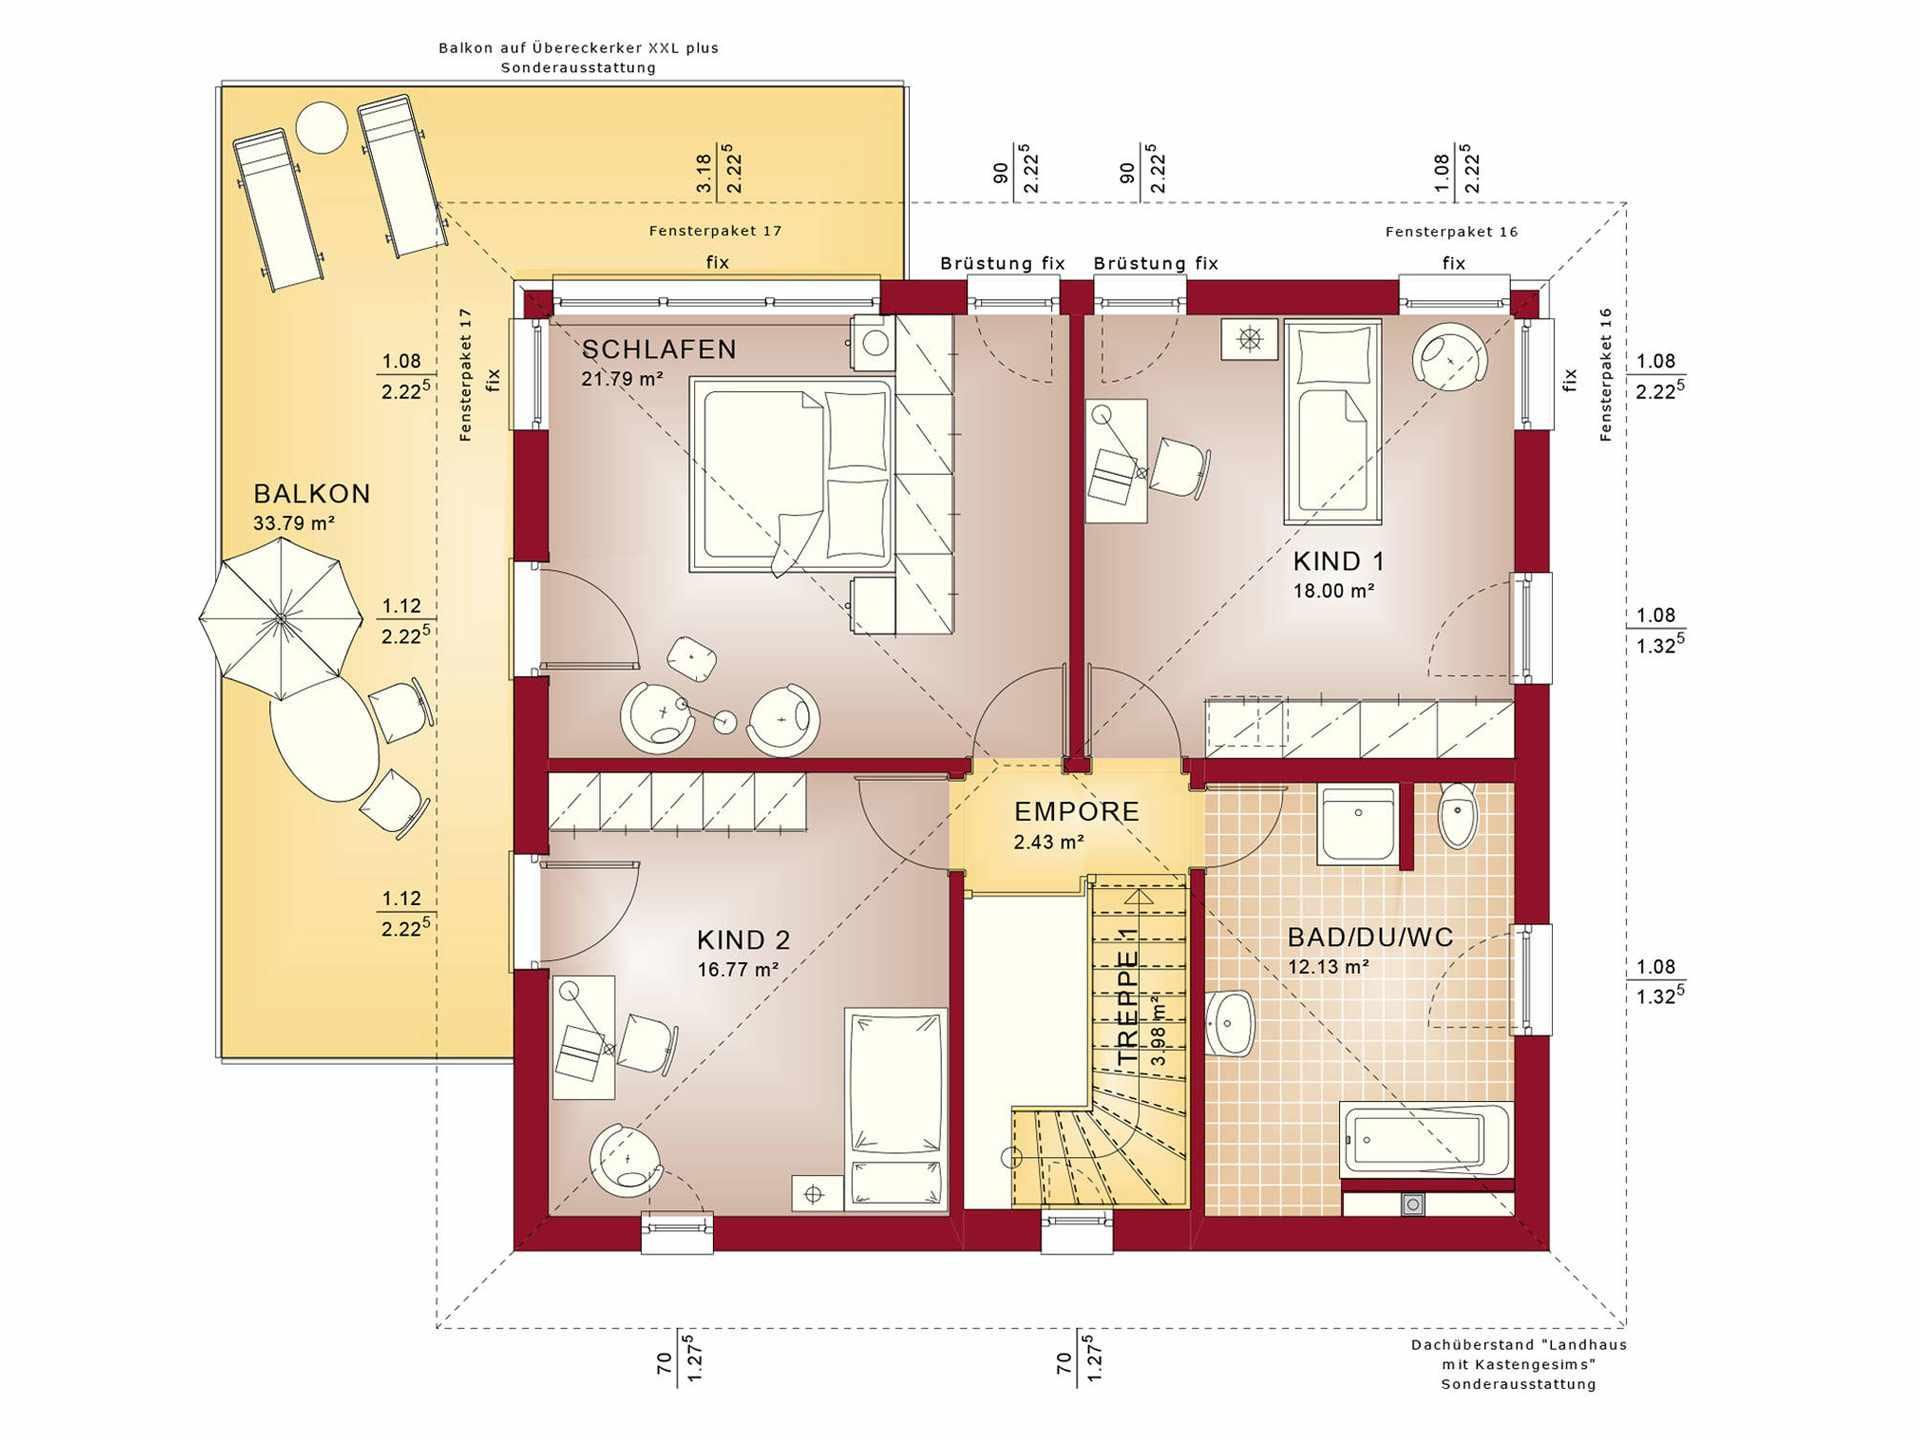 Stadtvilla grundriss  Stadtvilla bauen - Anbieter, Preise & Grundrisse